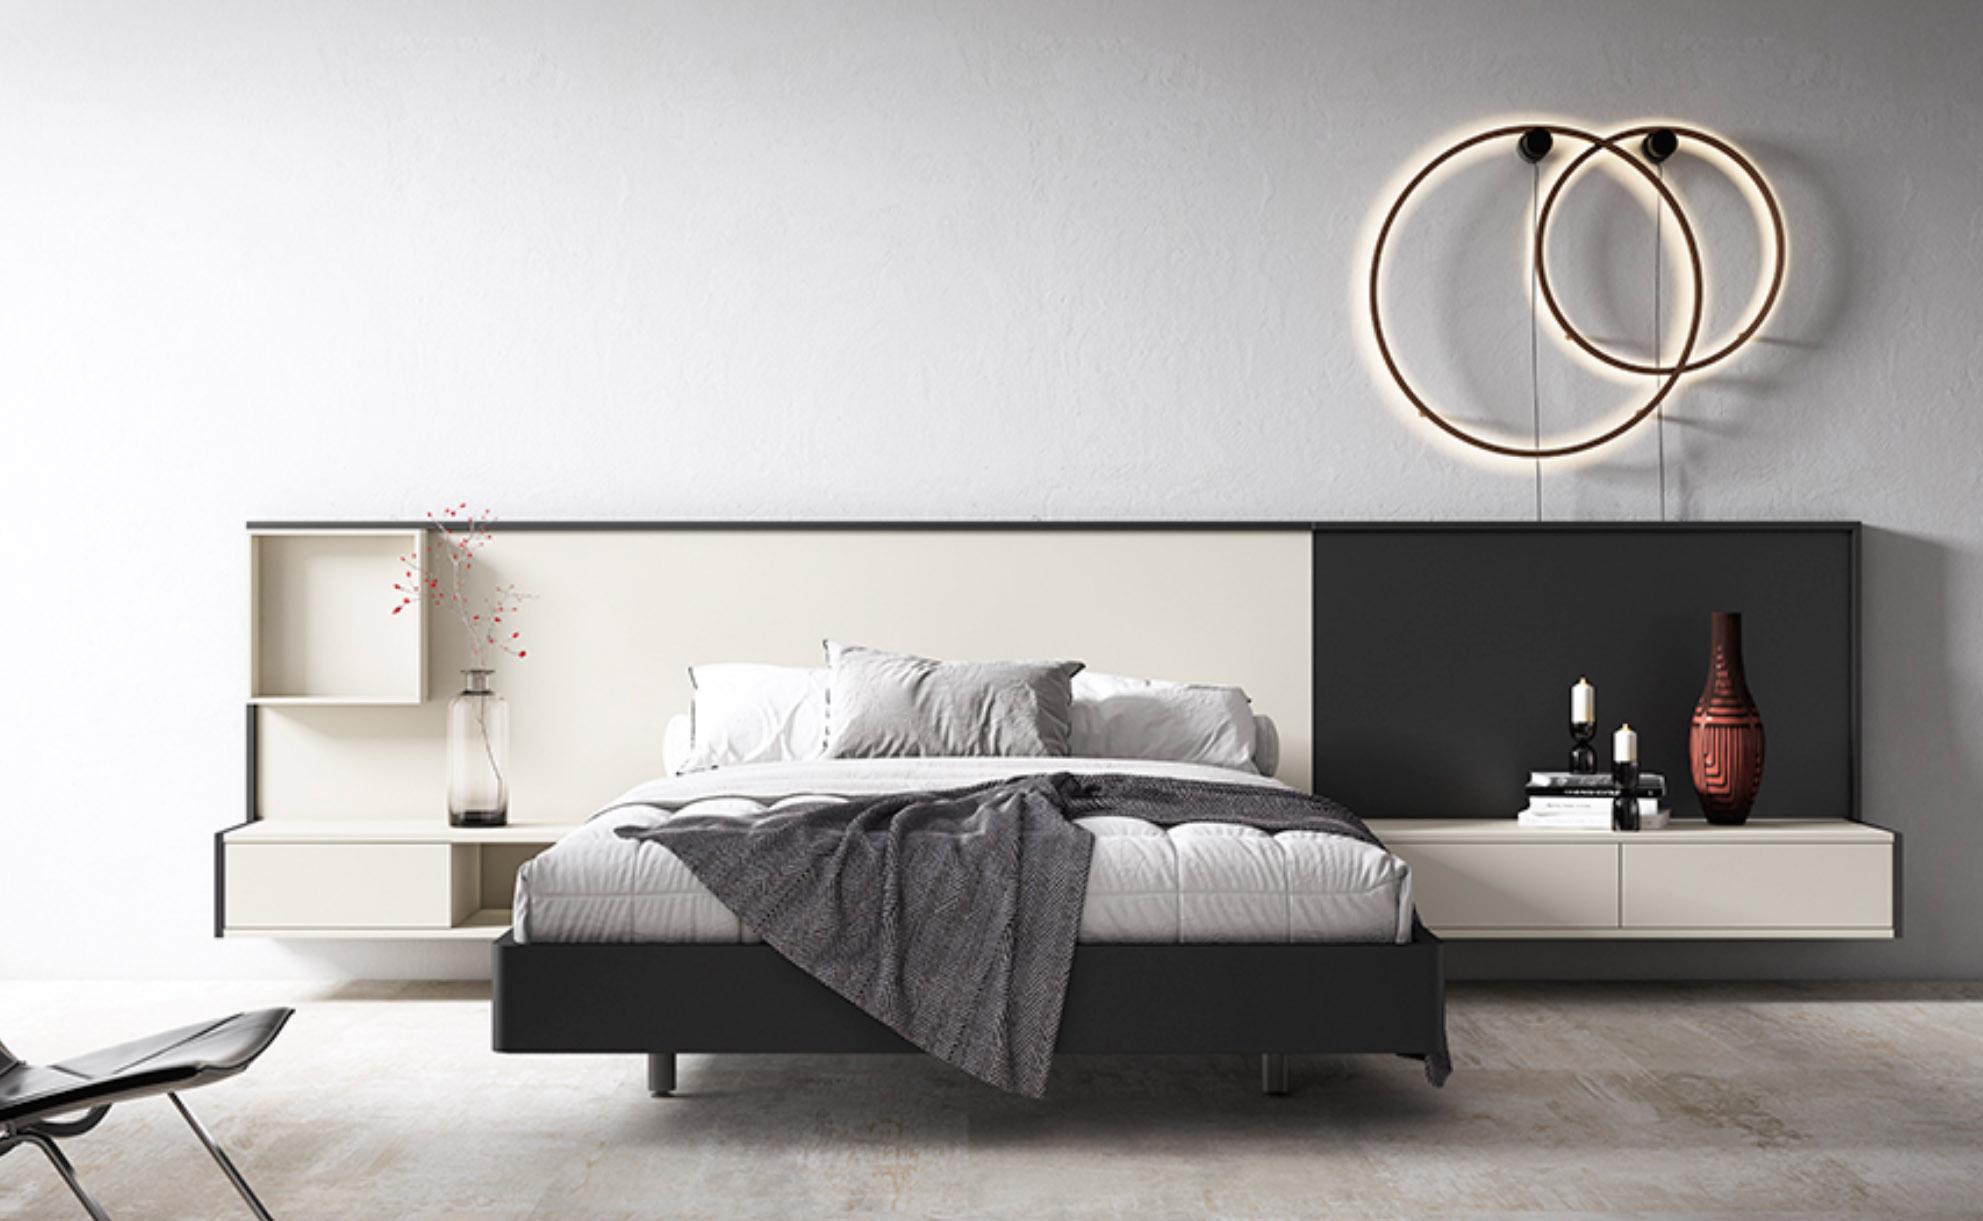 dormitorio-moderno-mesegue12